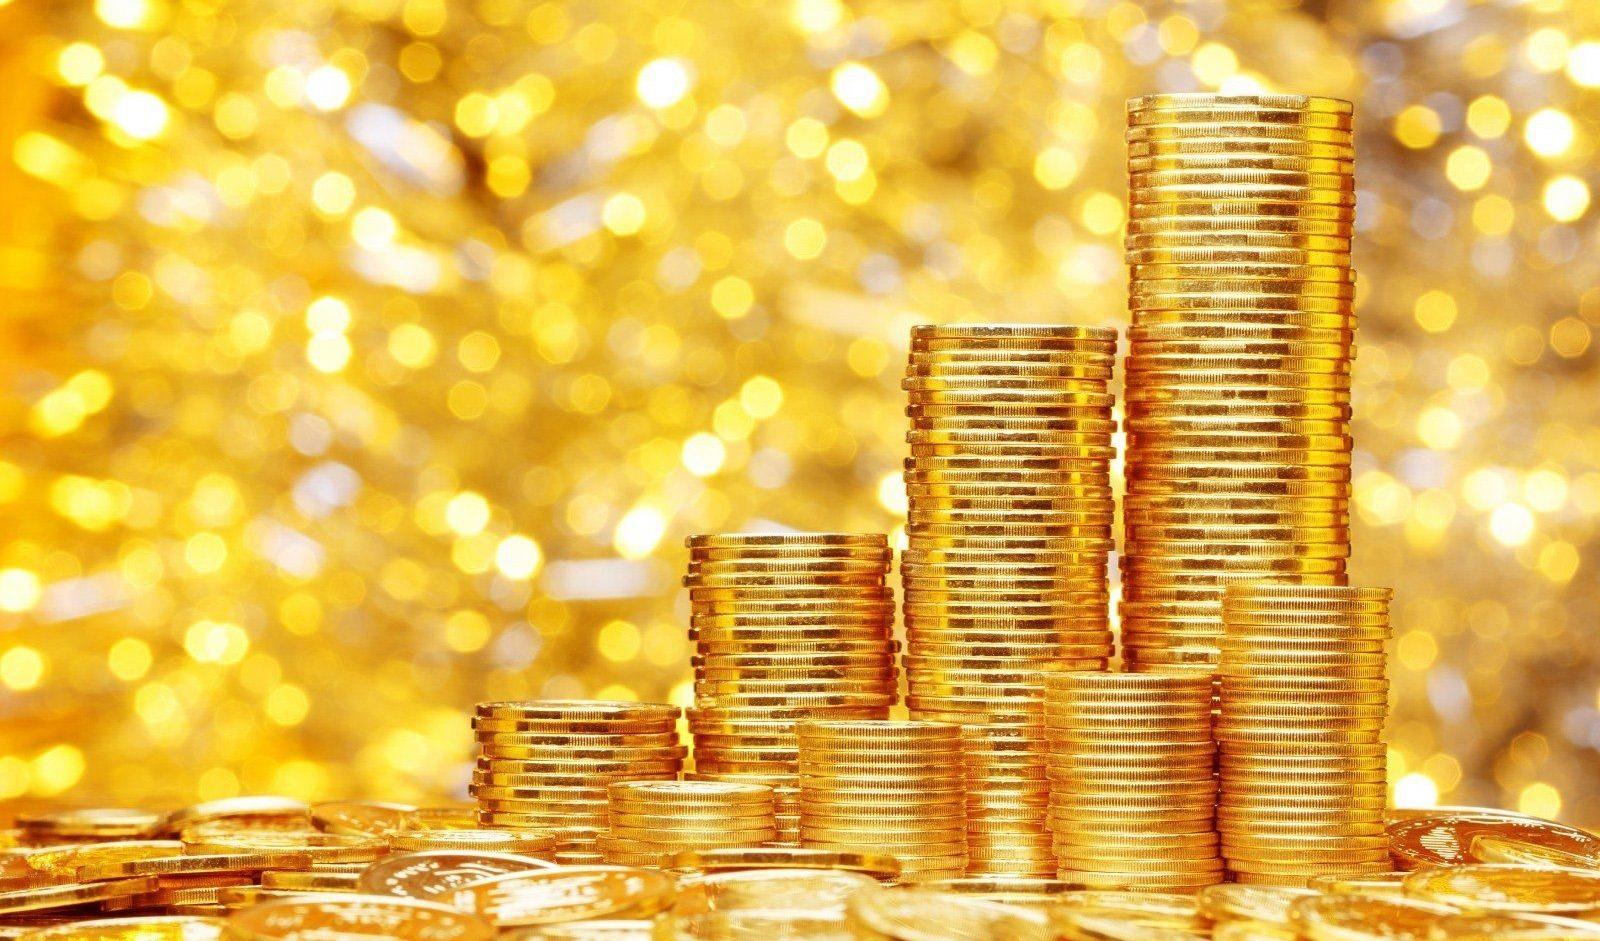 قیمت سکه ۱۸ شهریور ۱۴۰۰ به ۱۲ میلیون و ۹۰ هزار تومان رسید